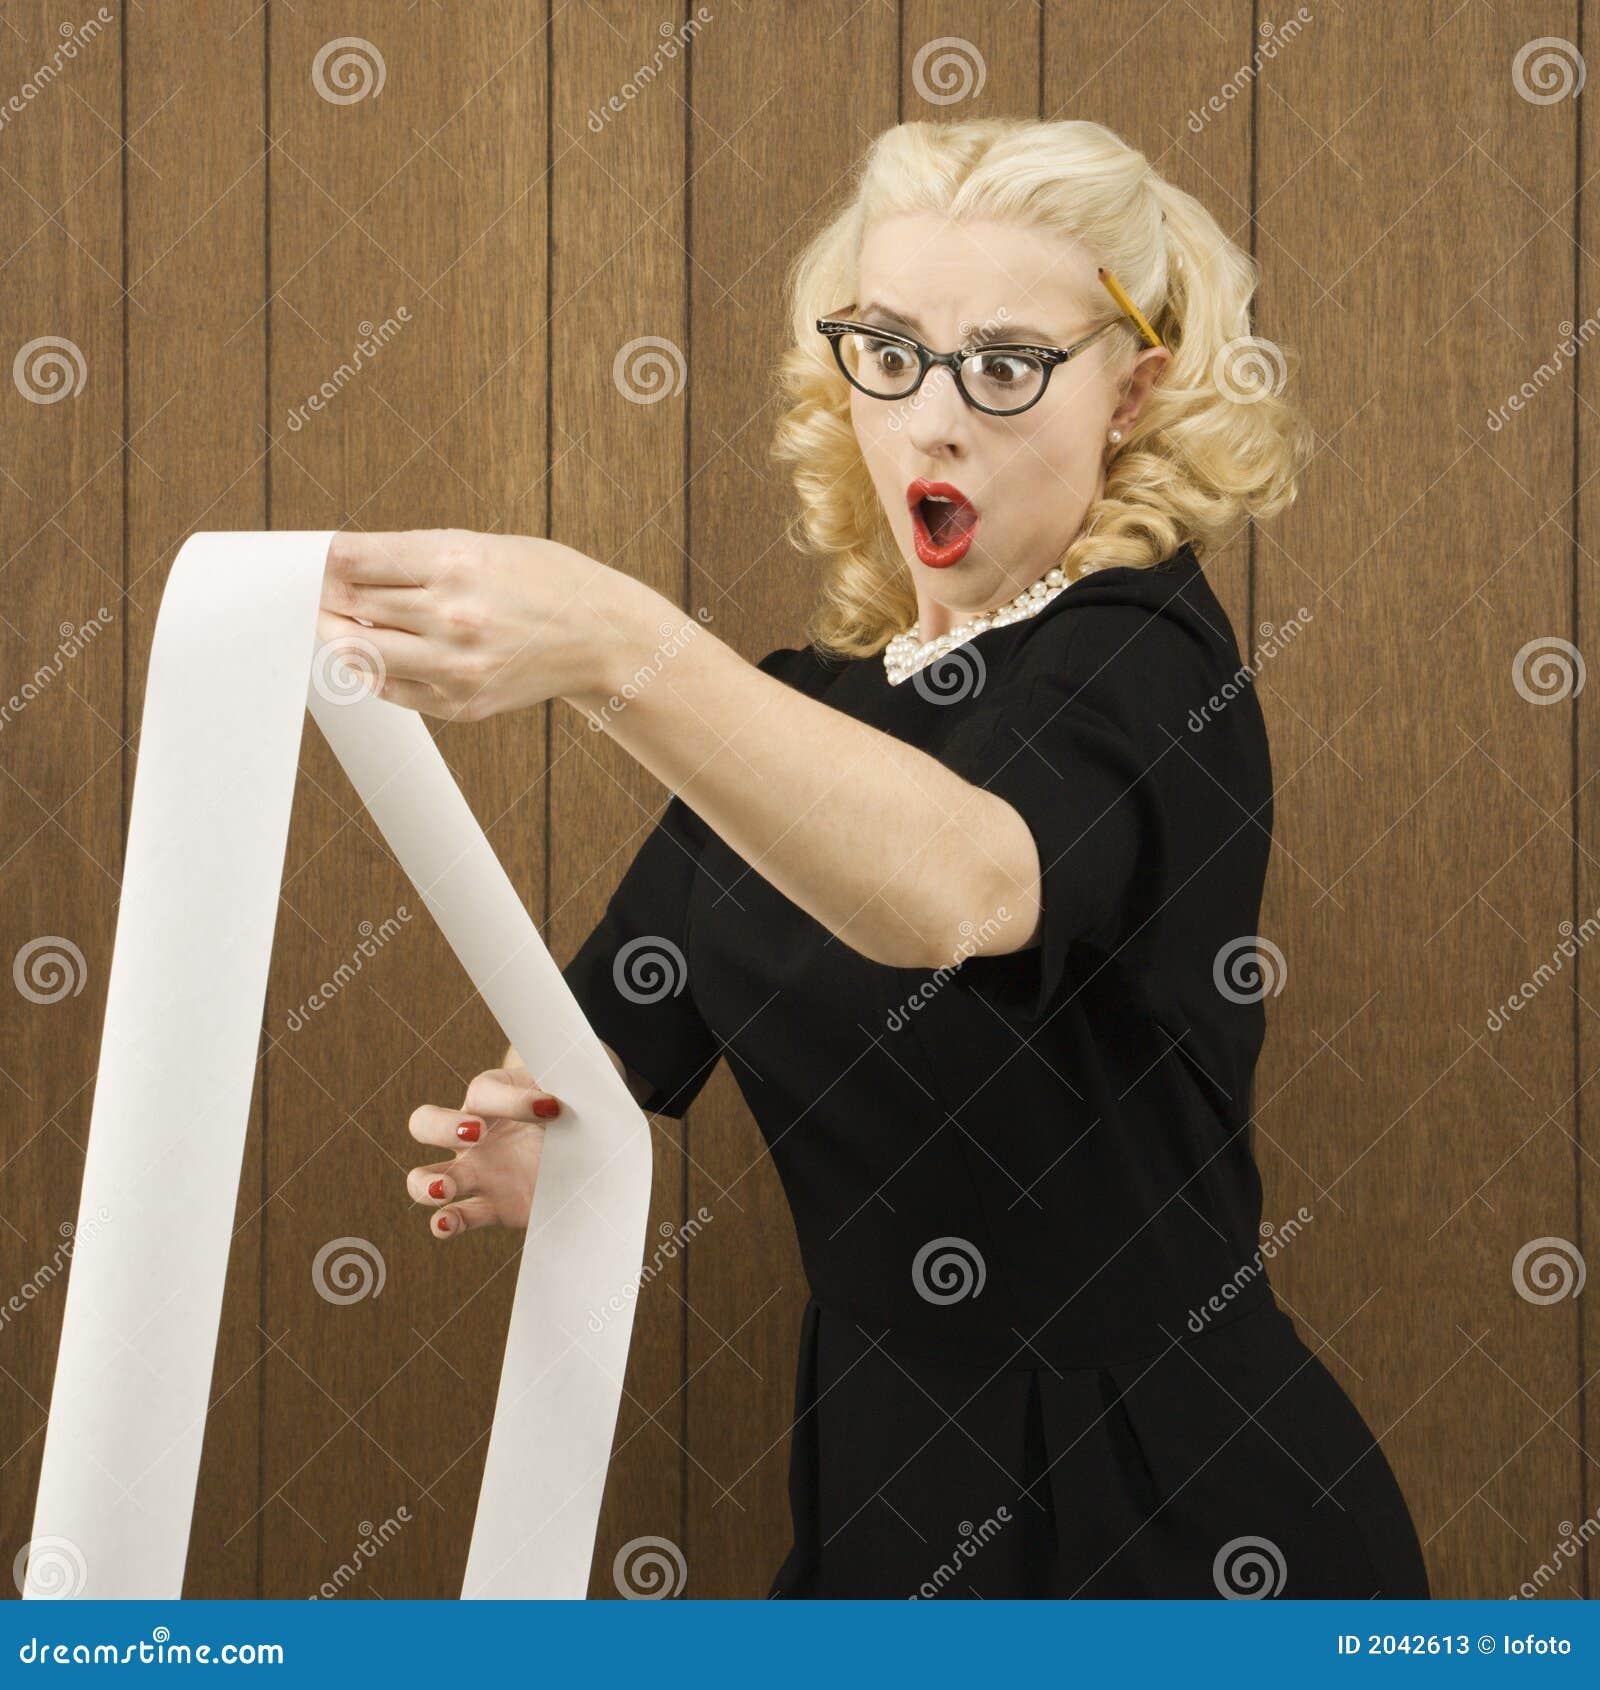 Vrouw die een printout met een stuitende uitdrukking op haar gezicht houdt.